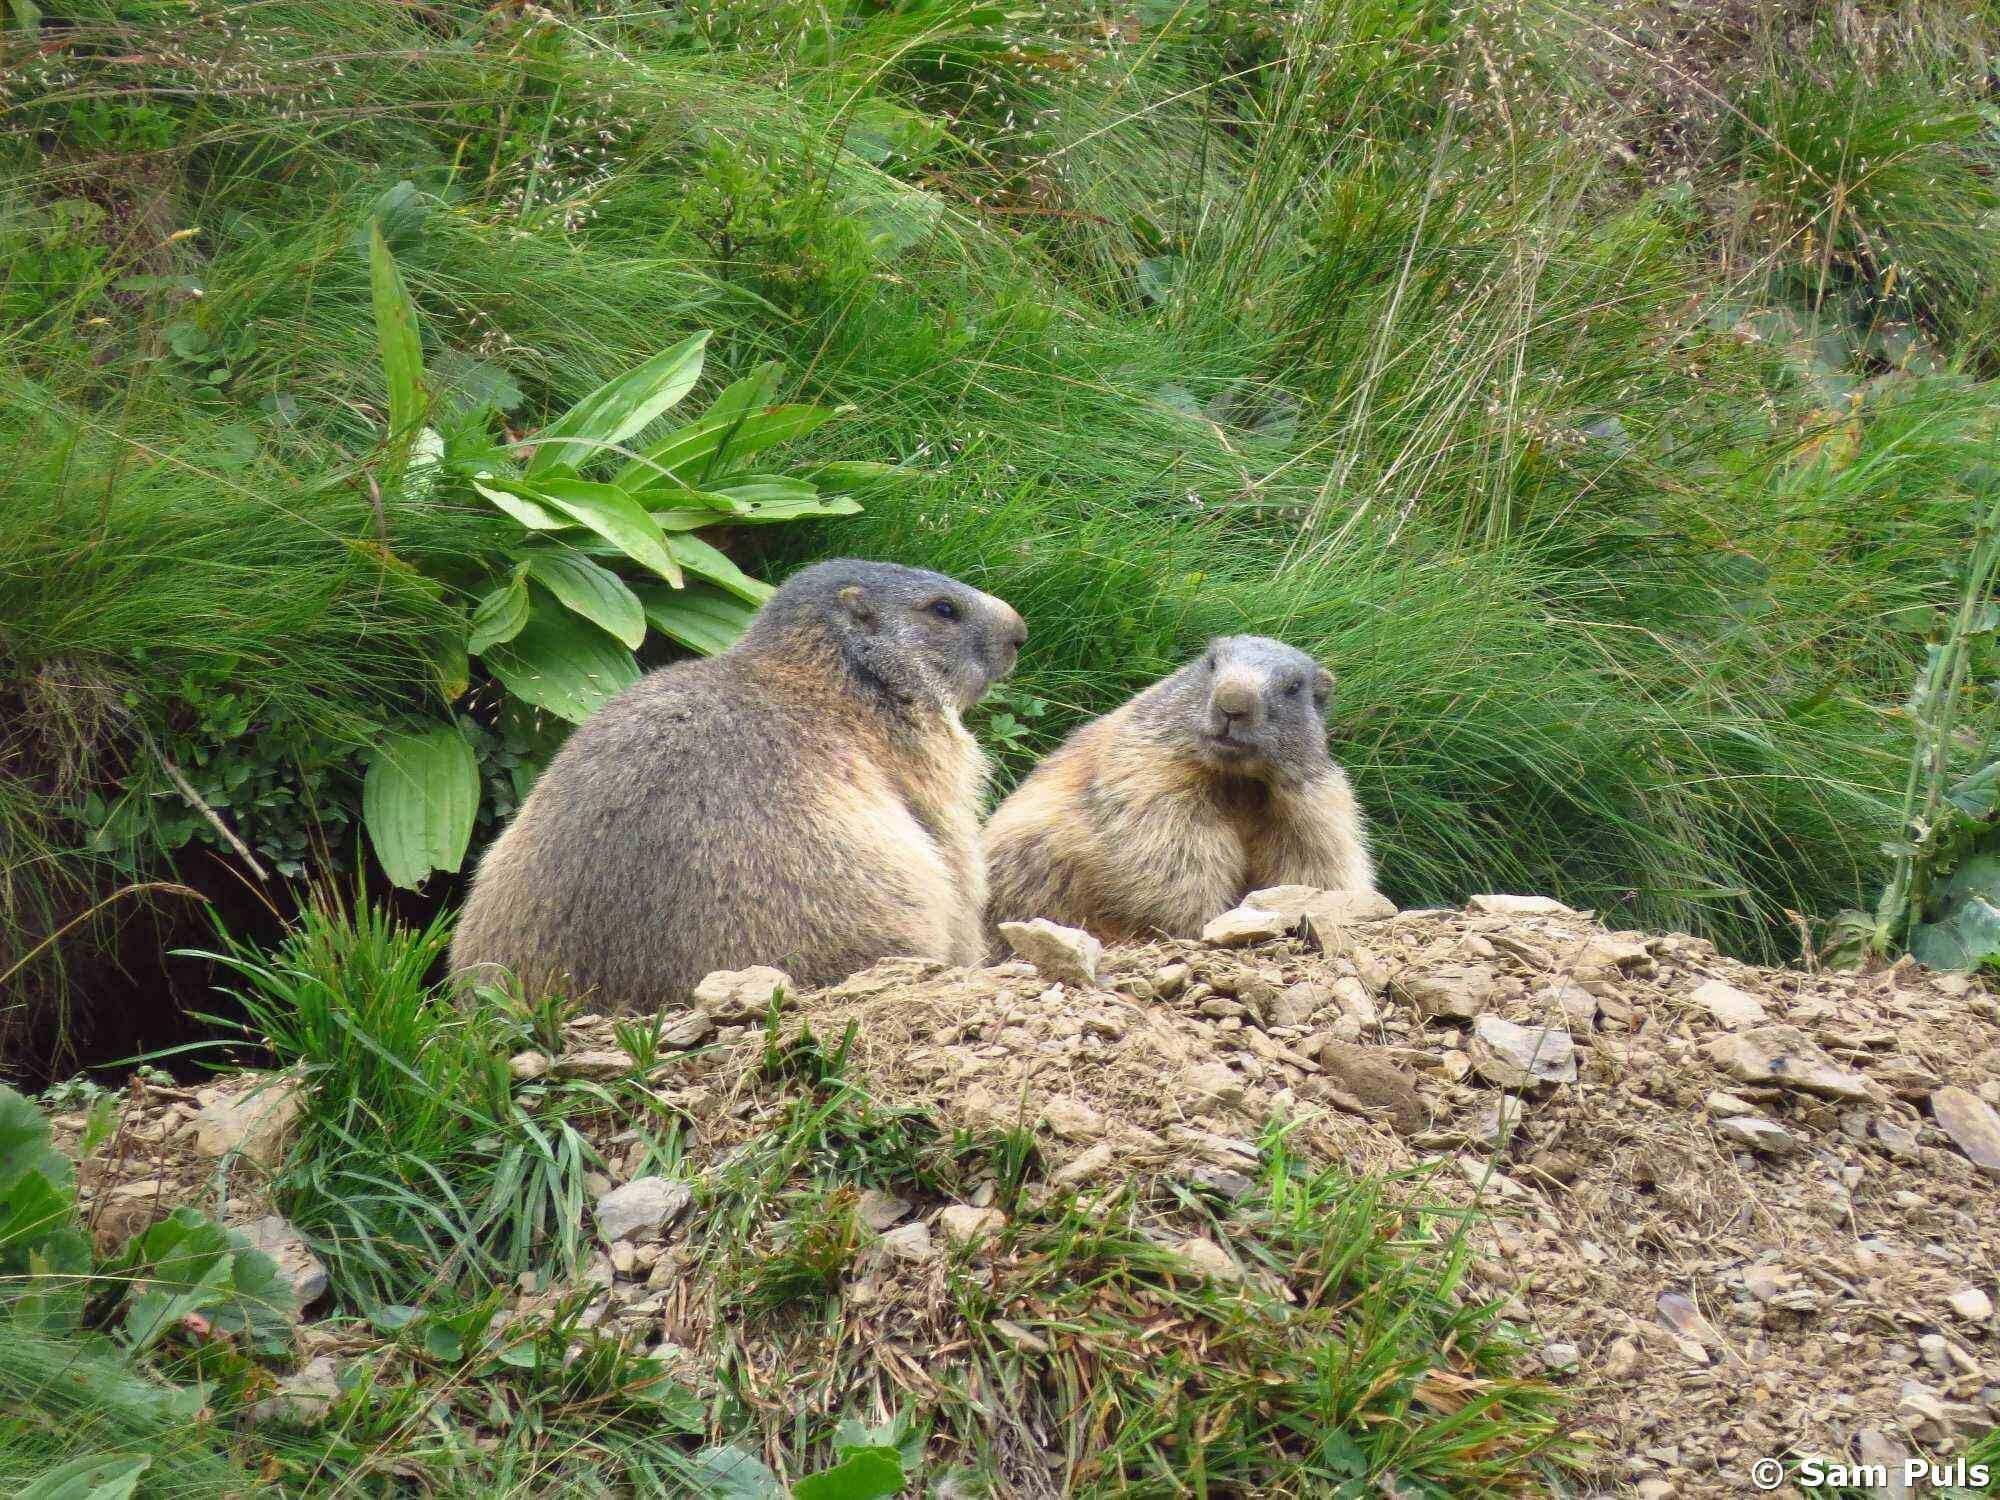 Marmot in Slovakia